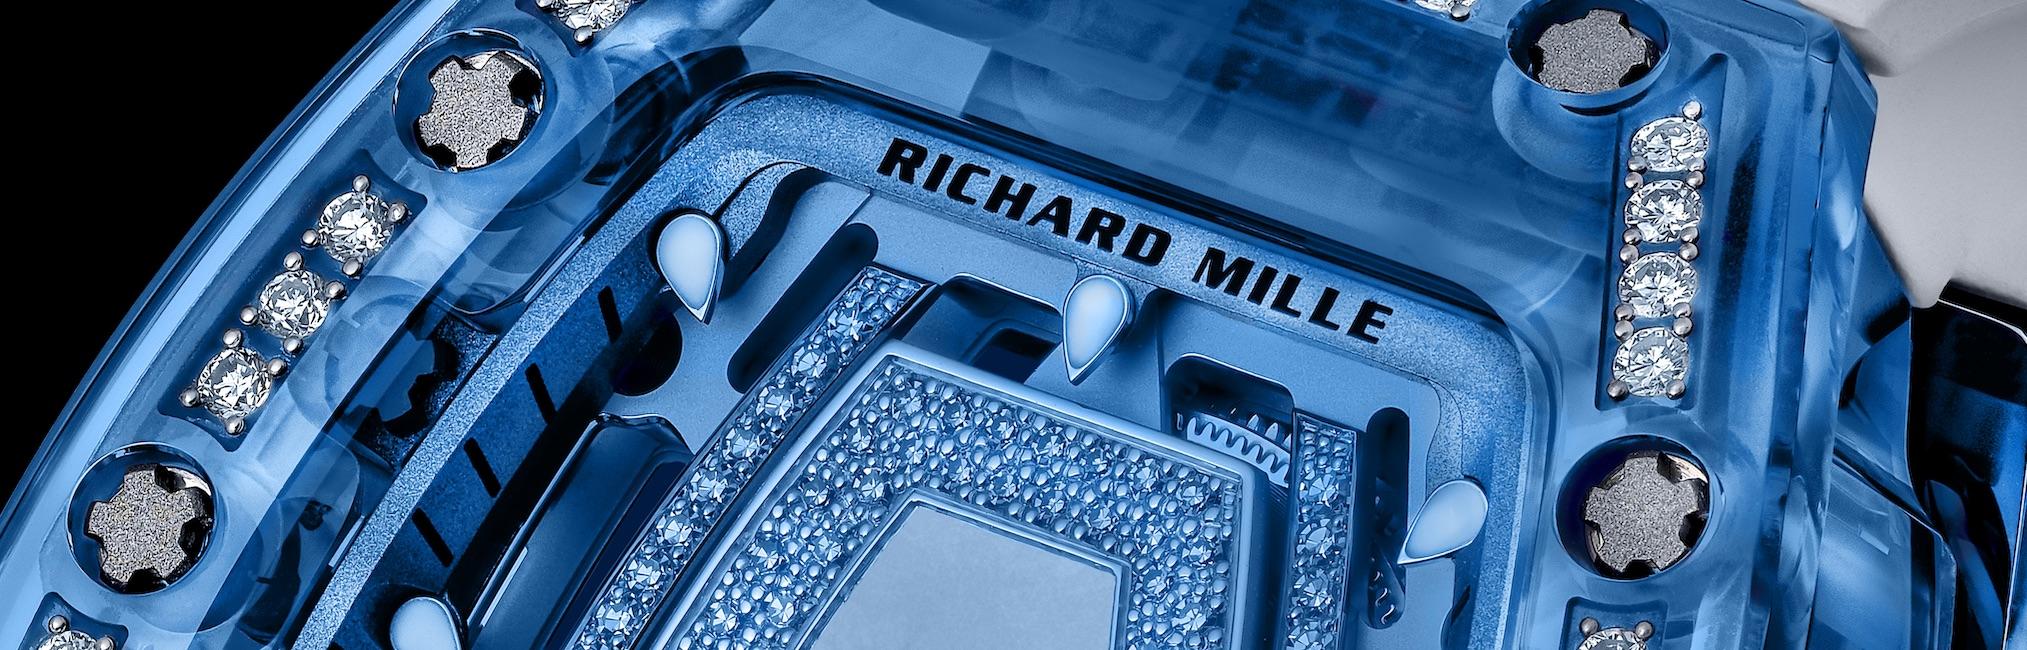 Die Gemset Sapphire RM 07-02 von Richard Mille.